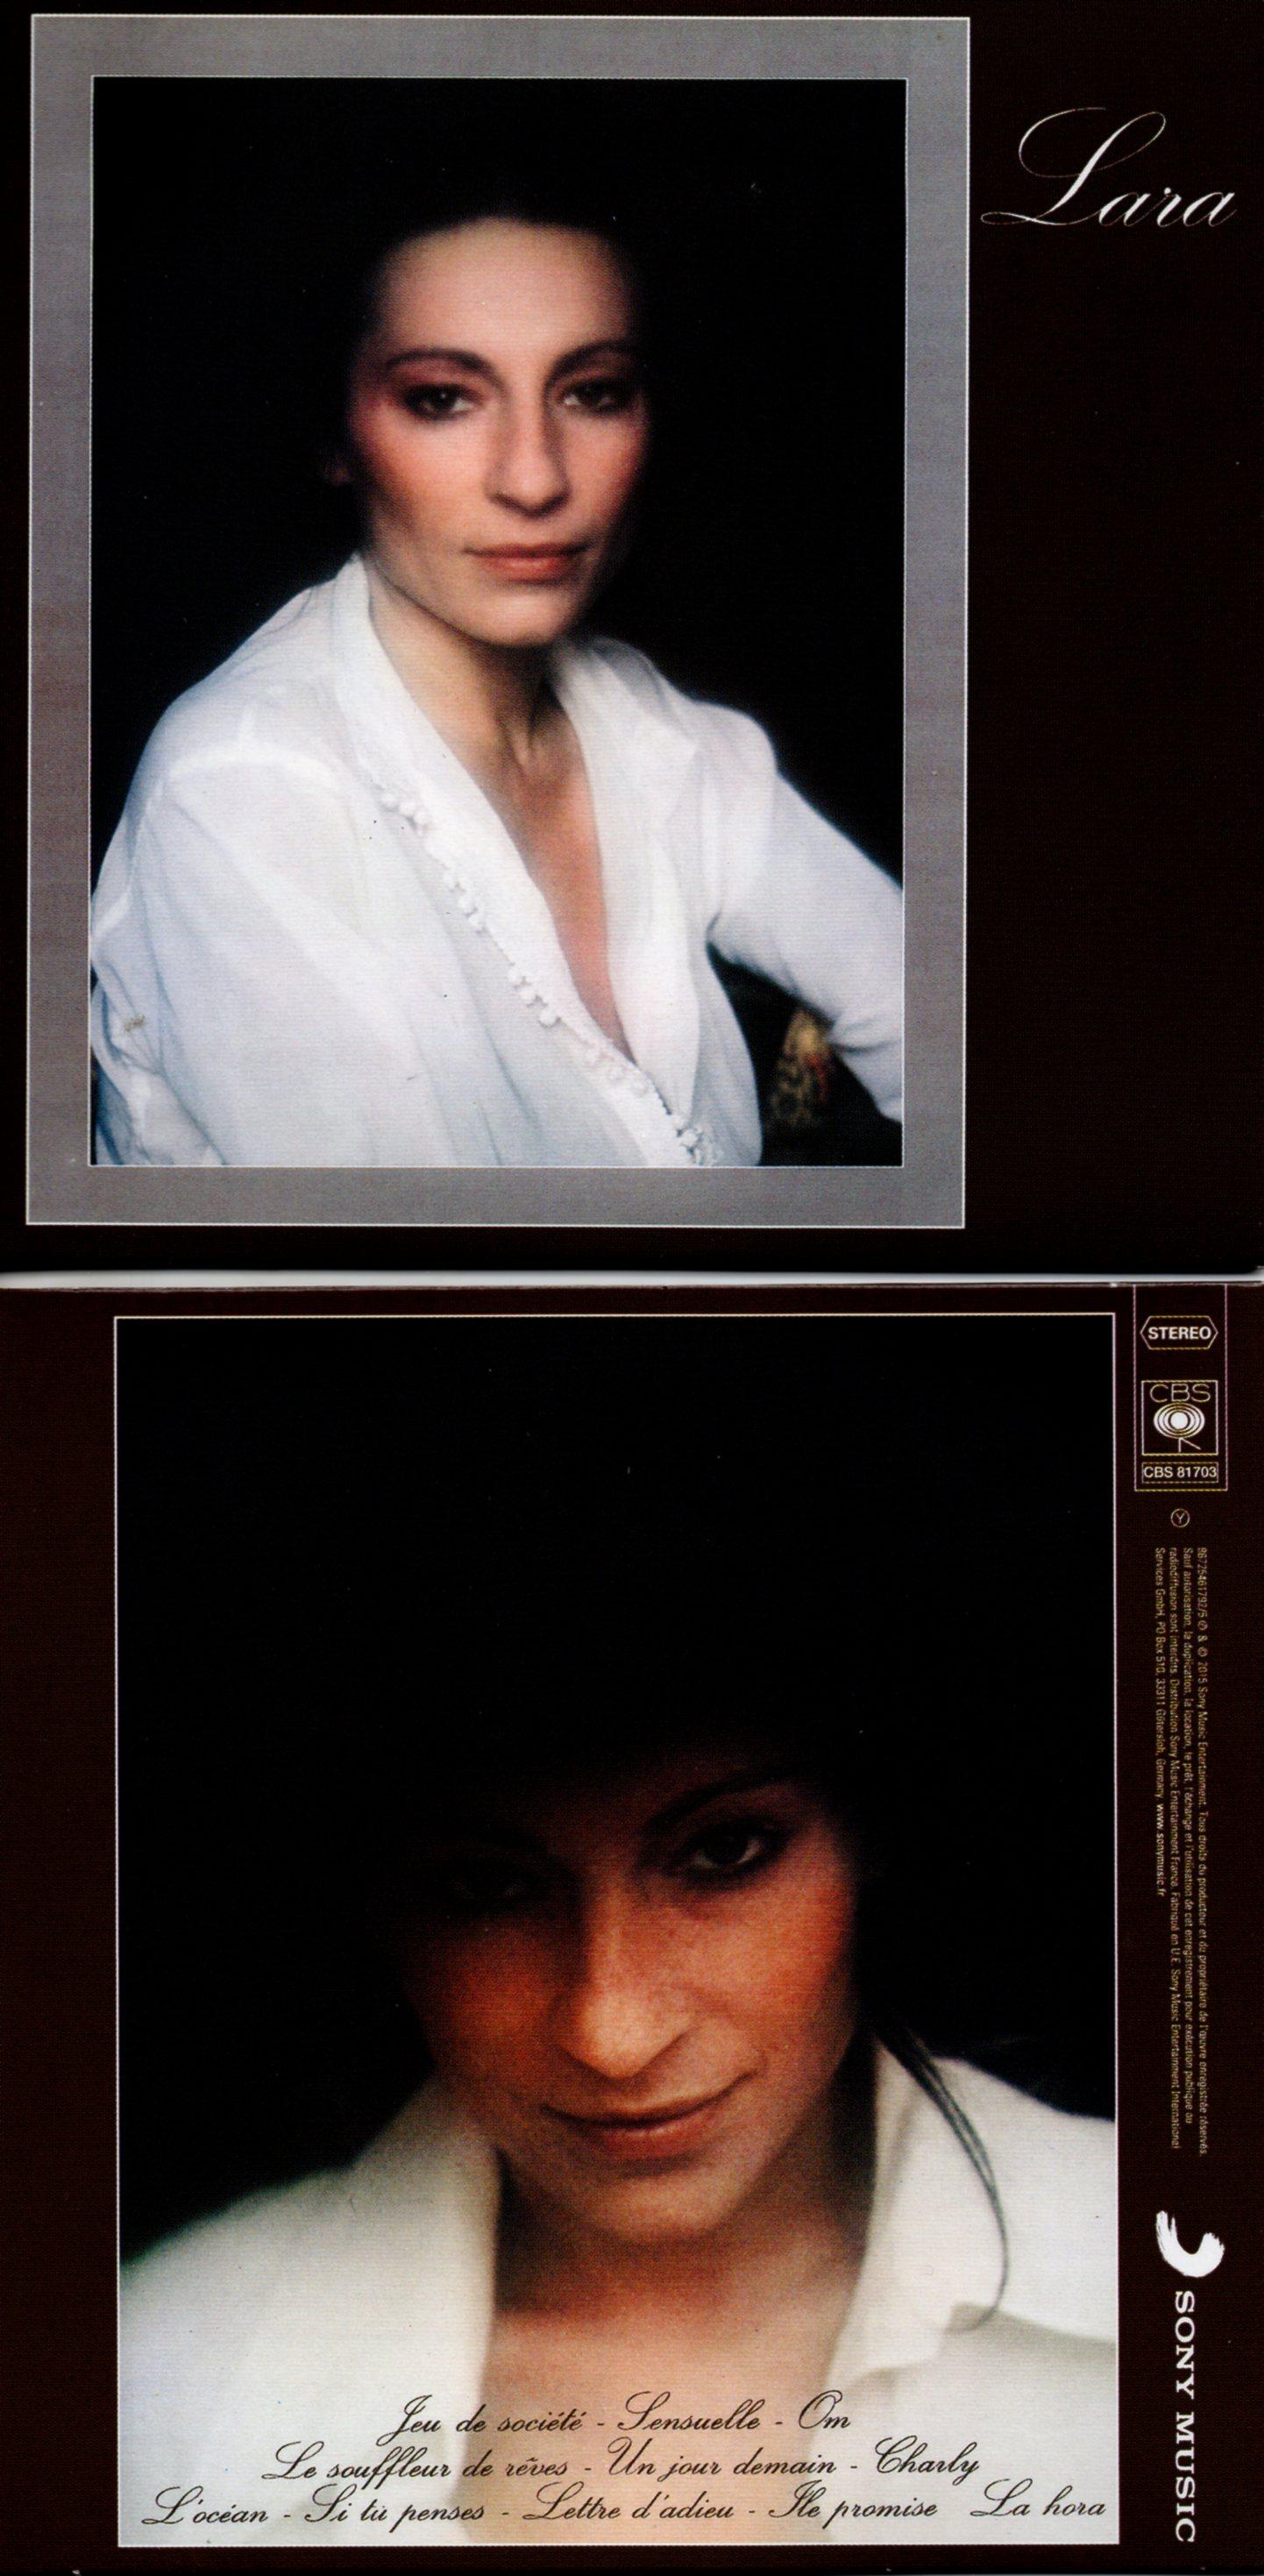 CATHERINE LARA - Jeu de société - MINI LP REPLICA - 11-TRACK CARD SLEEVE - Pochette Cartonnée - CD